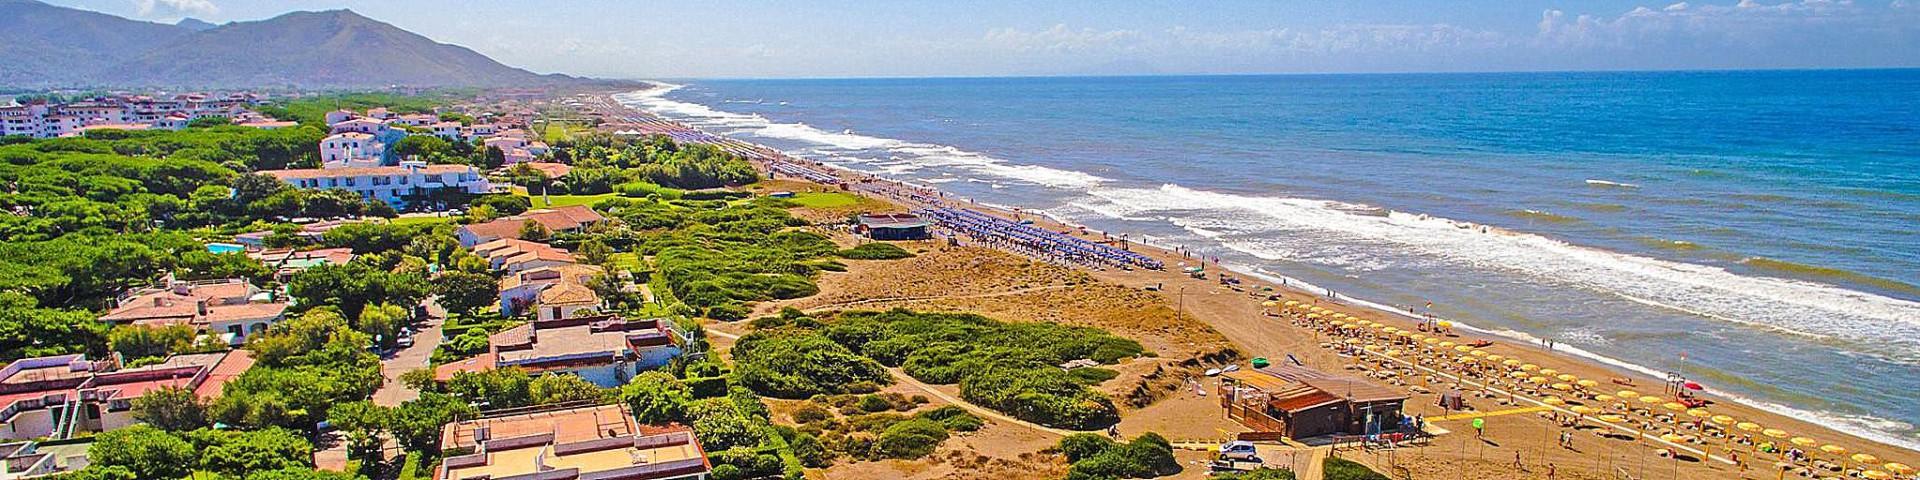 Baia Domizia směrem k Neapoli, pláž v centrální části letoviska